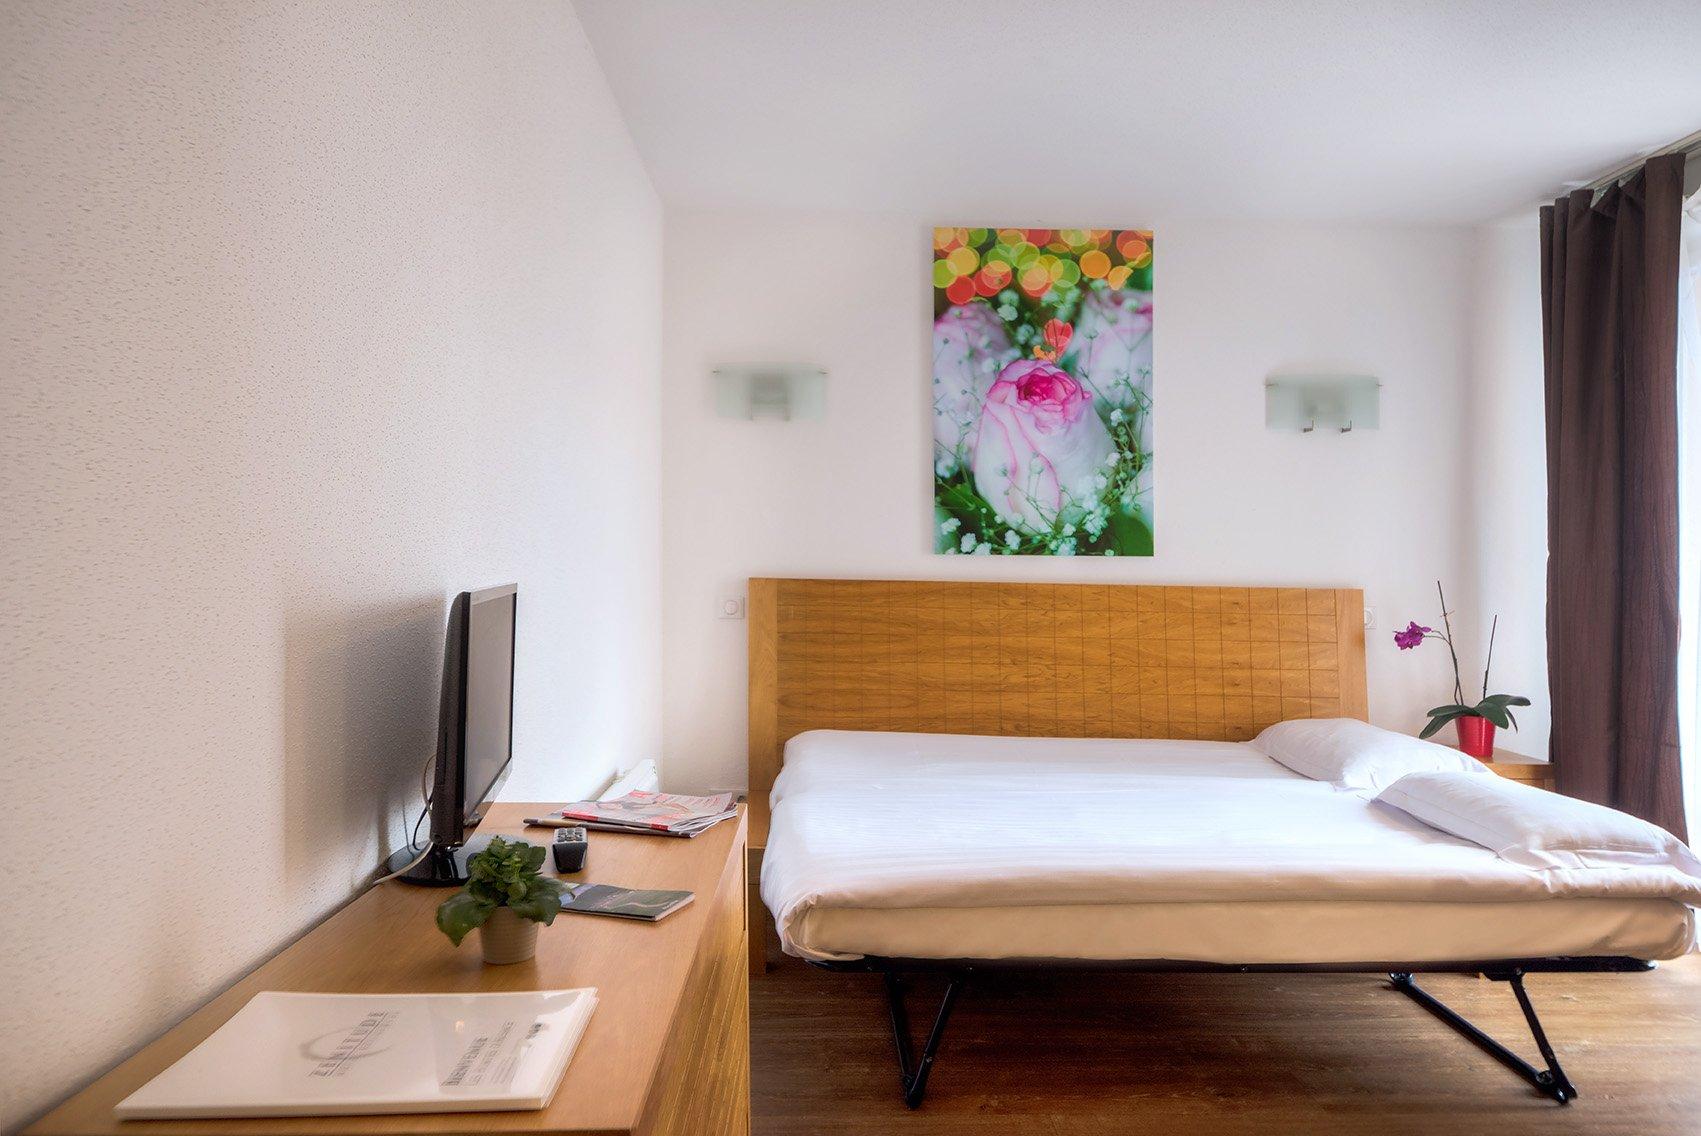 Zenitude Hotel-Residences Les Portes d'Alsace